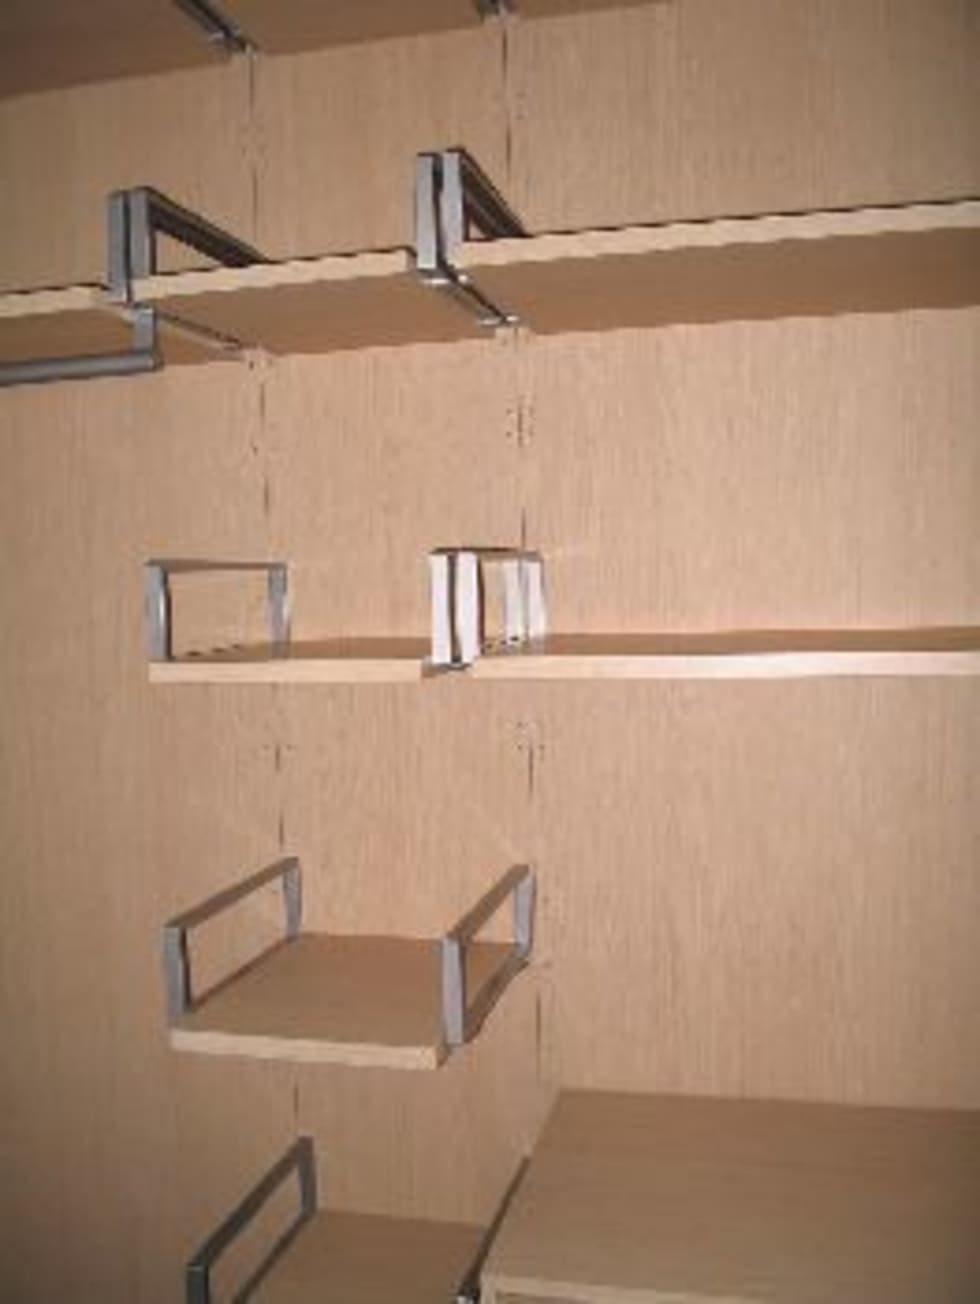 Cabina armadio: Spogliatoio in stile  di Anna Leone Architetto Home Stager